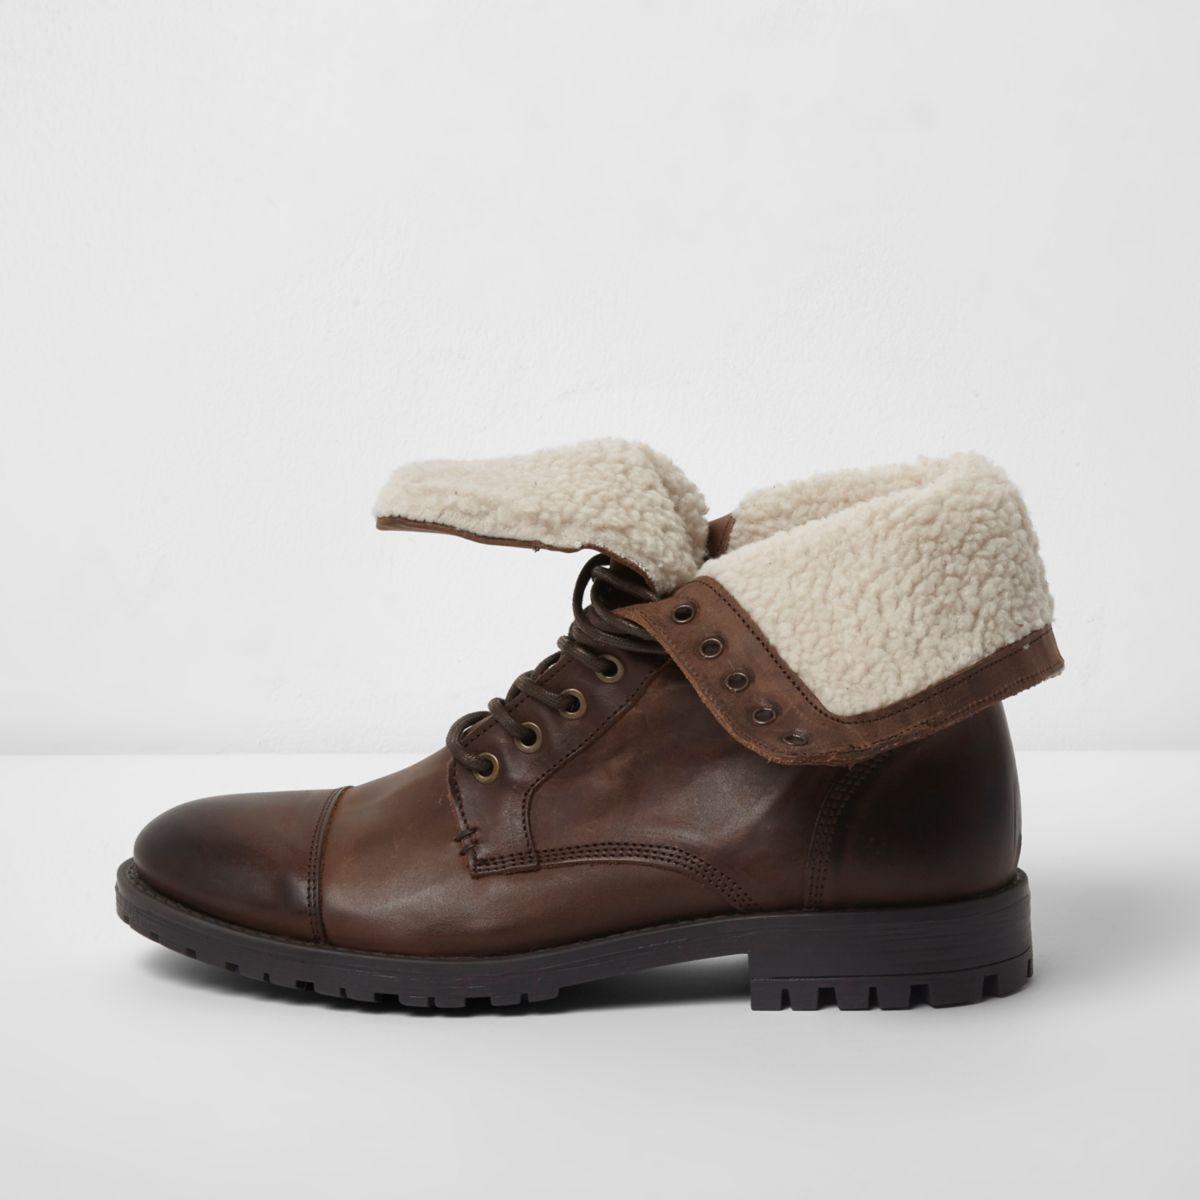 River Island Clothes Mens Shoes